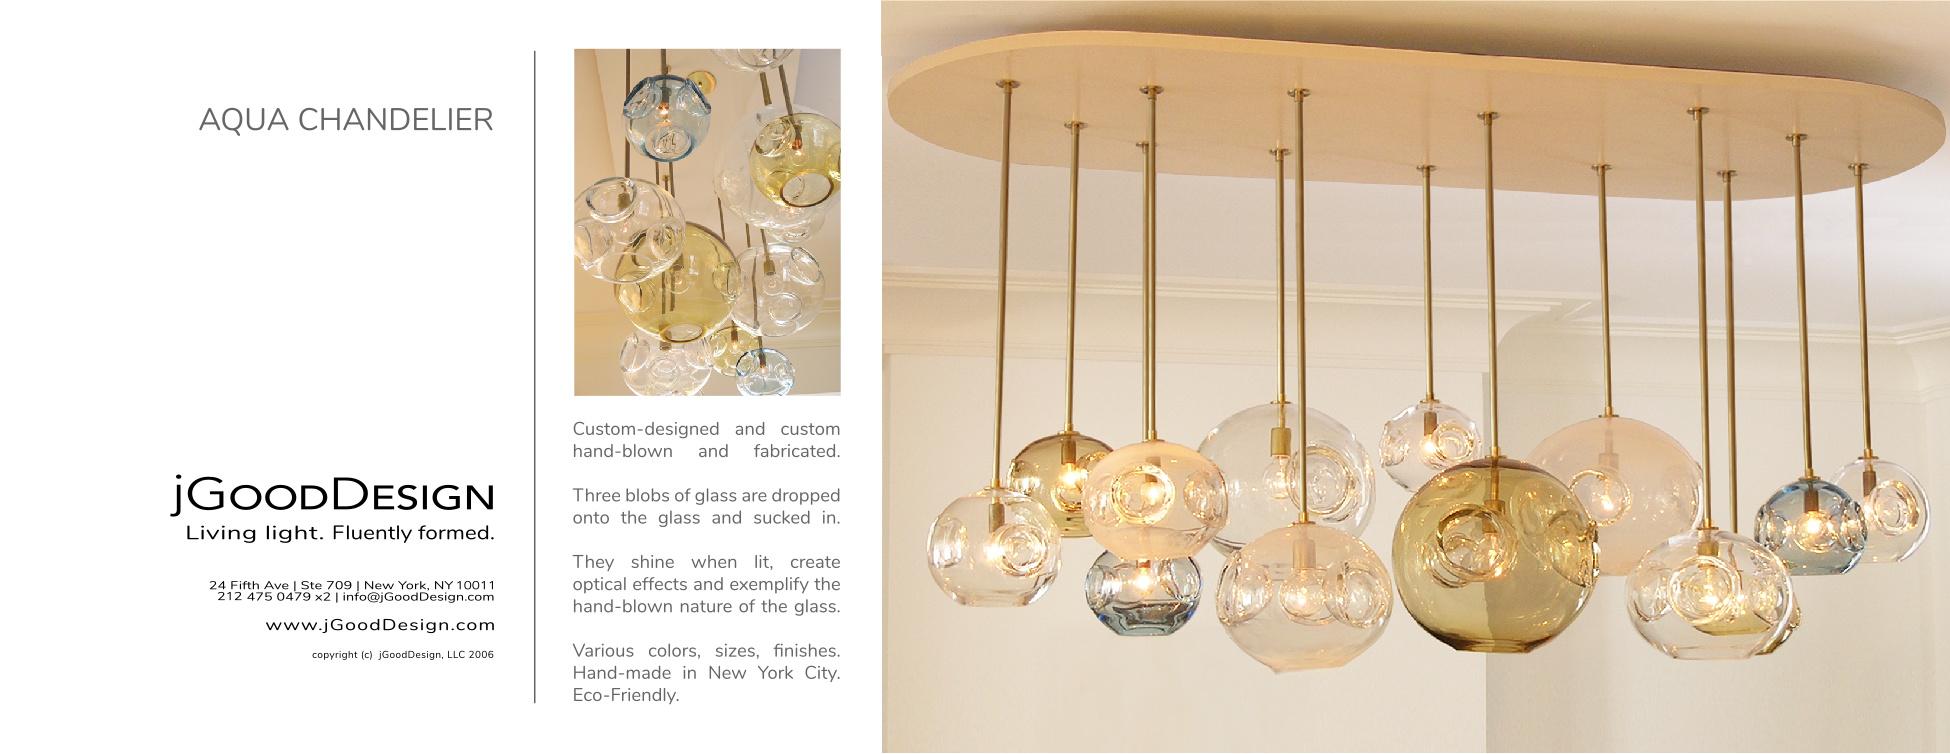 Jgooddesign aqua chandelier mozeypictures Gallery